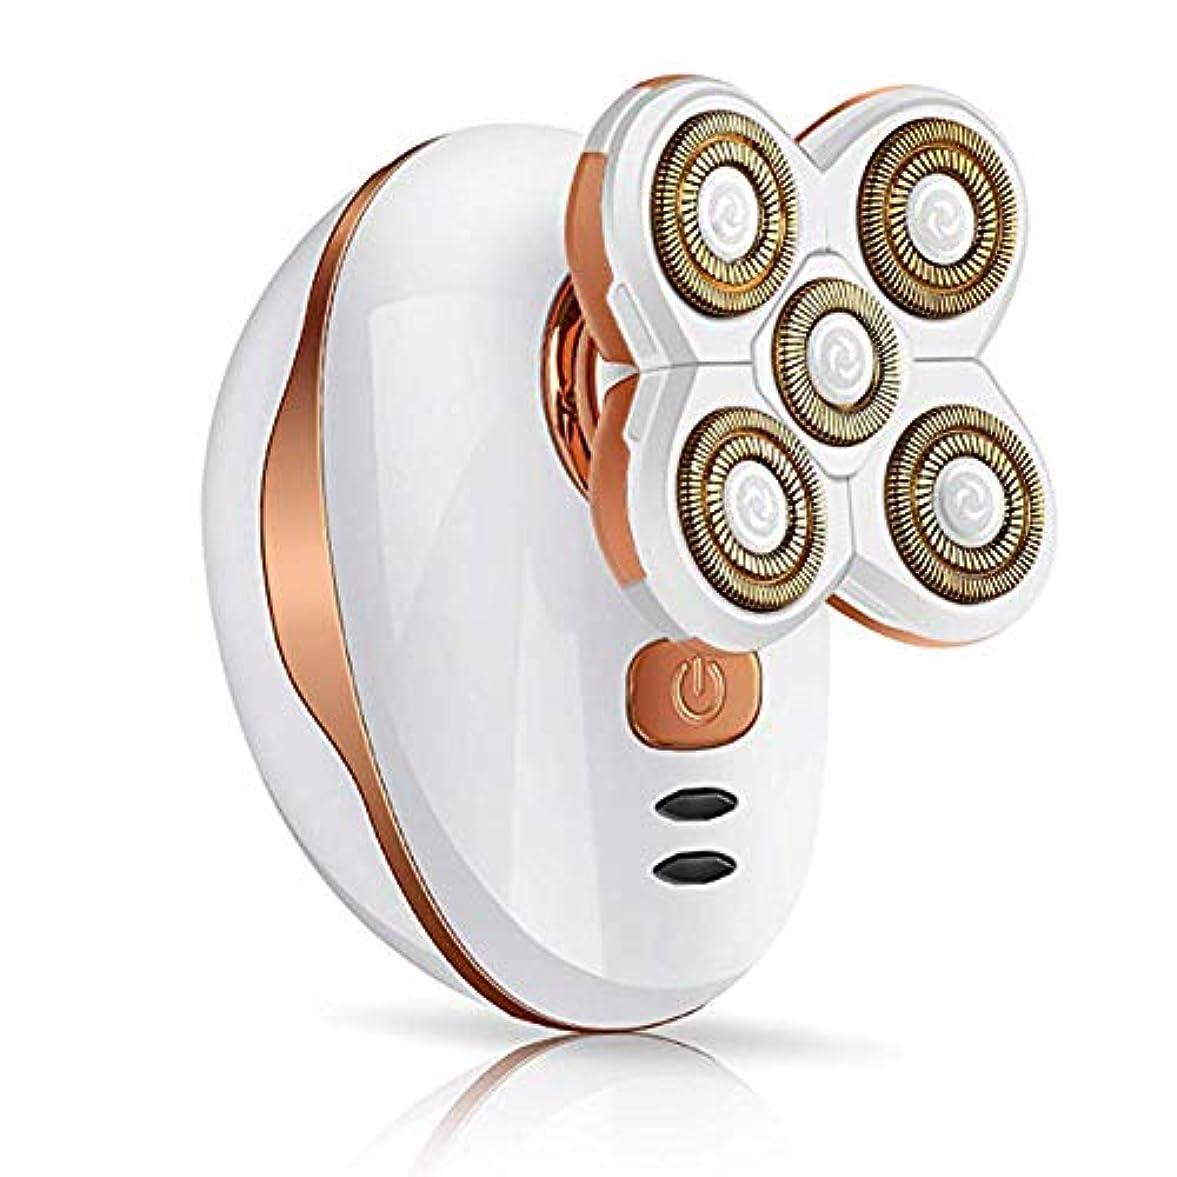 実装するいわゆるローラー5フローティングヘッドウェットドライ電気ロータリーシェーバー、コードレス防水かみそりはげ頭シェーバー、旅行や家庭用の高速USB再充電セキュリティロックモード